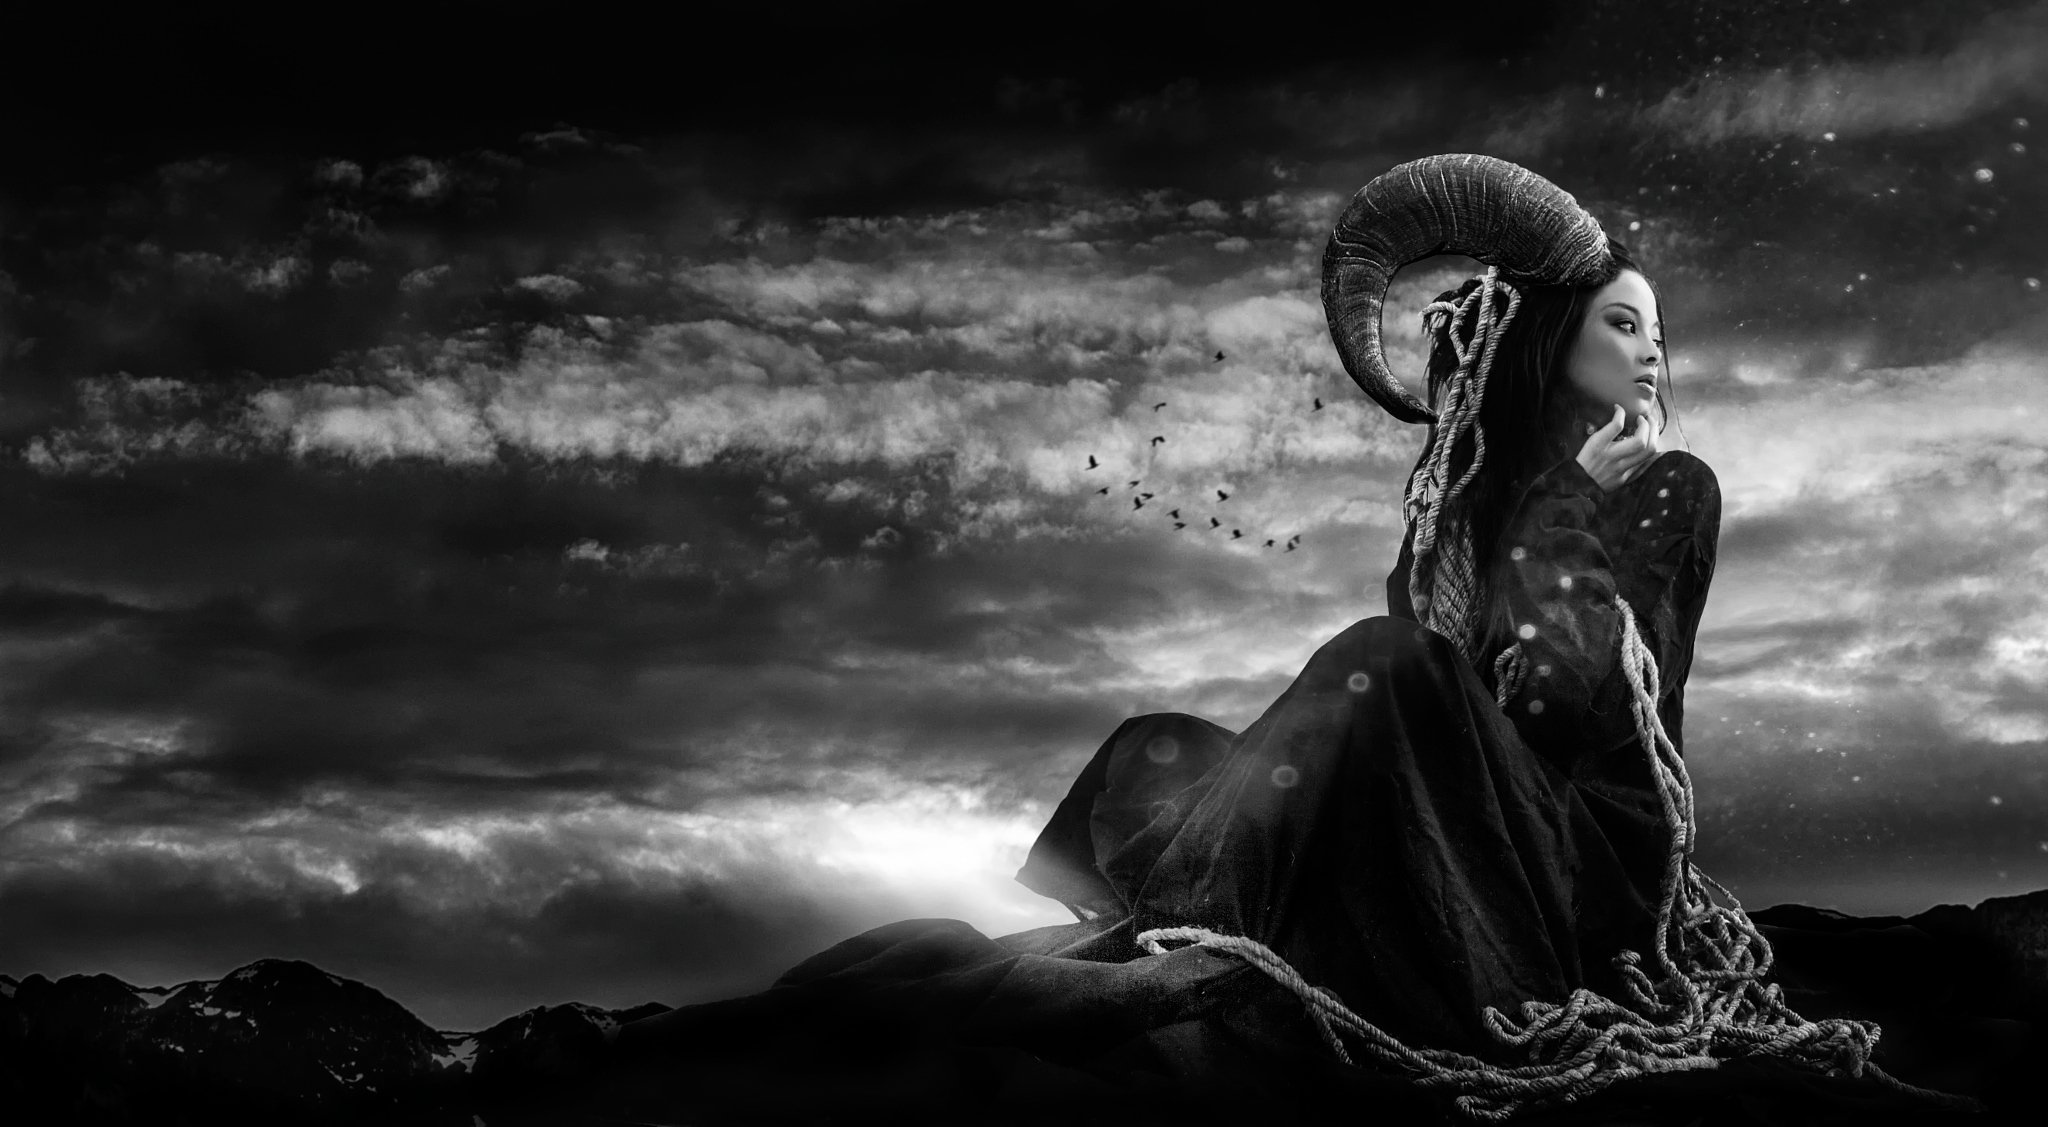 Текстом приколами, картинки черно белое фэнтези